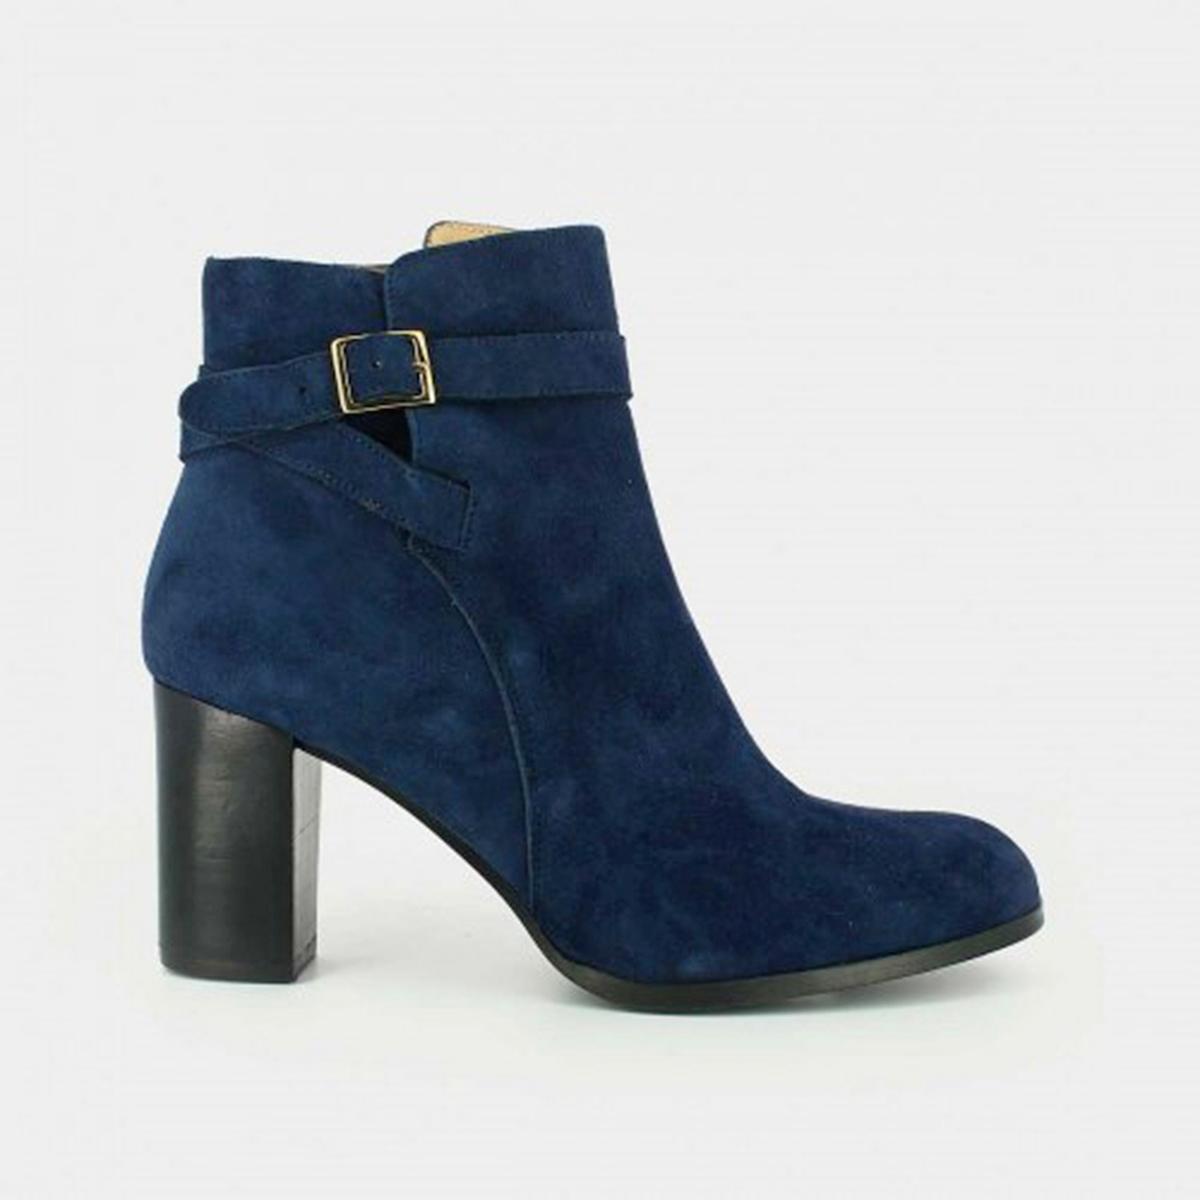 Ботильоны из велюровой кожи AkilВерх : Кожа.   Подкладка : Кожа.   Стелька : Кожа.   Подошва : эластомер   Высота каблука : 8 см   Форма каблука : квадратный.   Носок : закругленный   Застежка : молния<br><br>Цвет: синий<br>Размер: 41.38.39